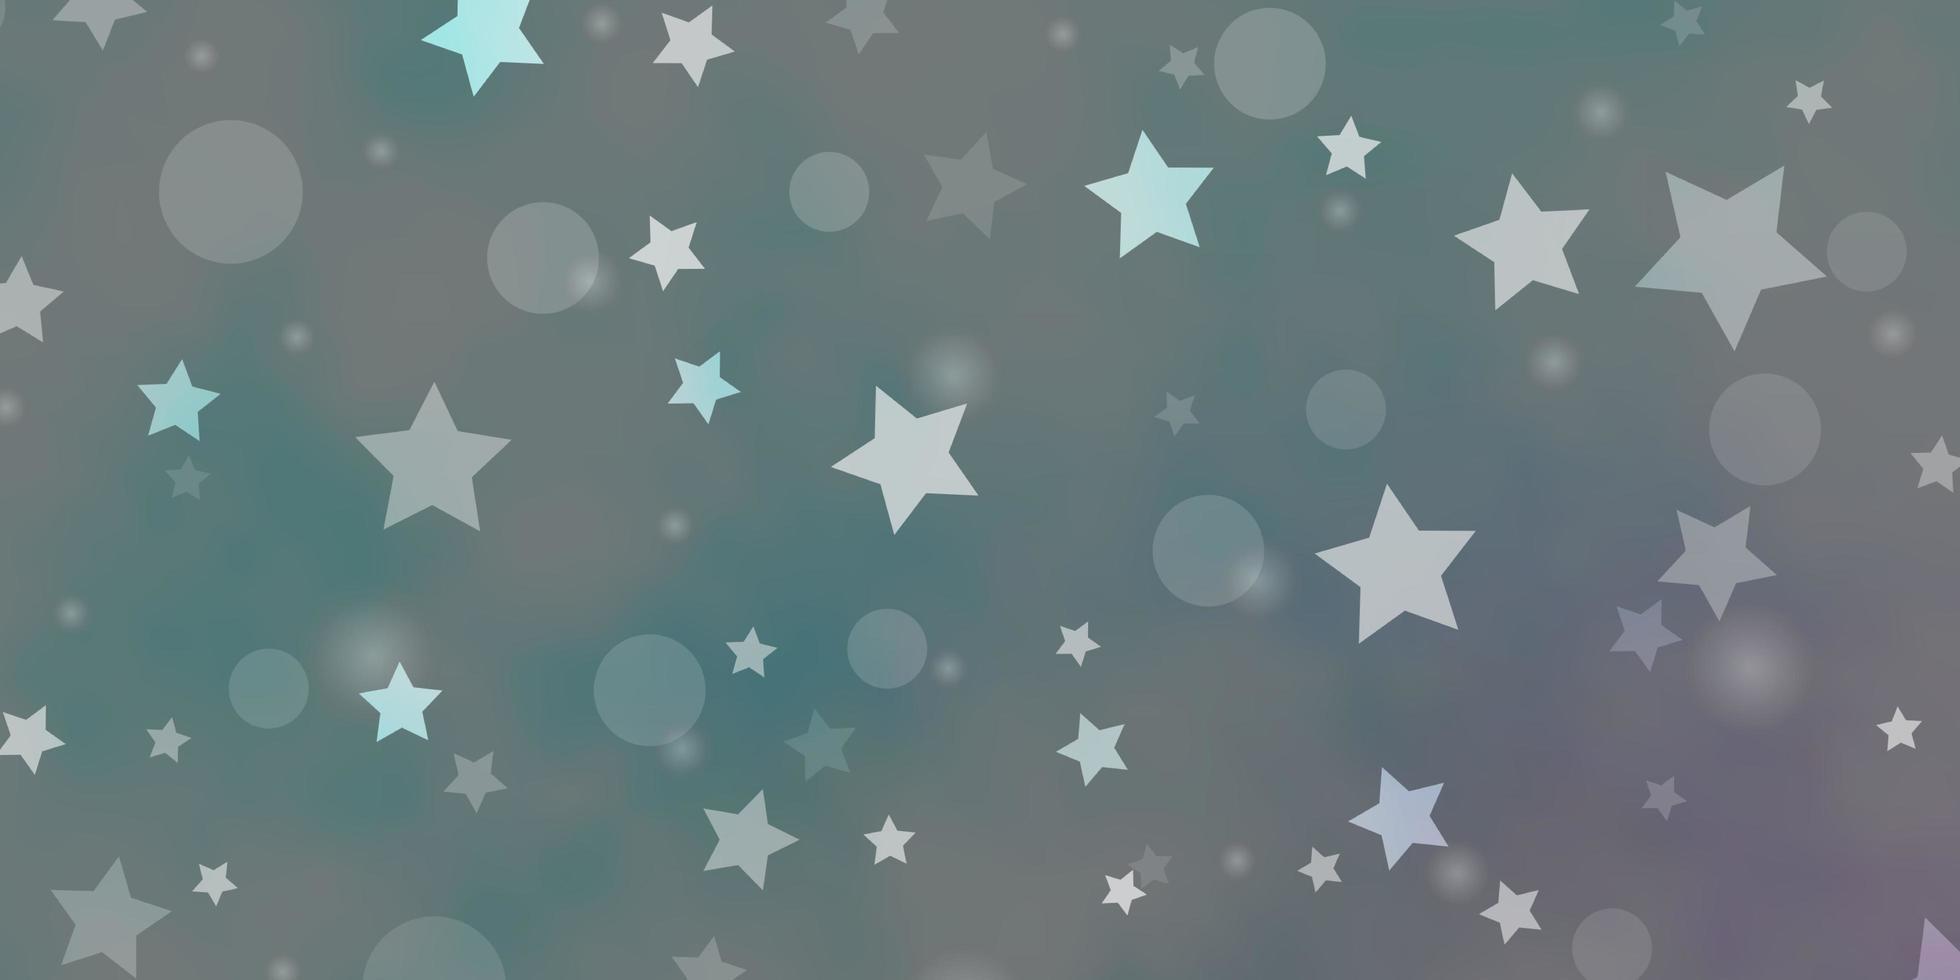 Fondo de vector azul claro con círculos, estrellas